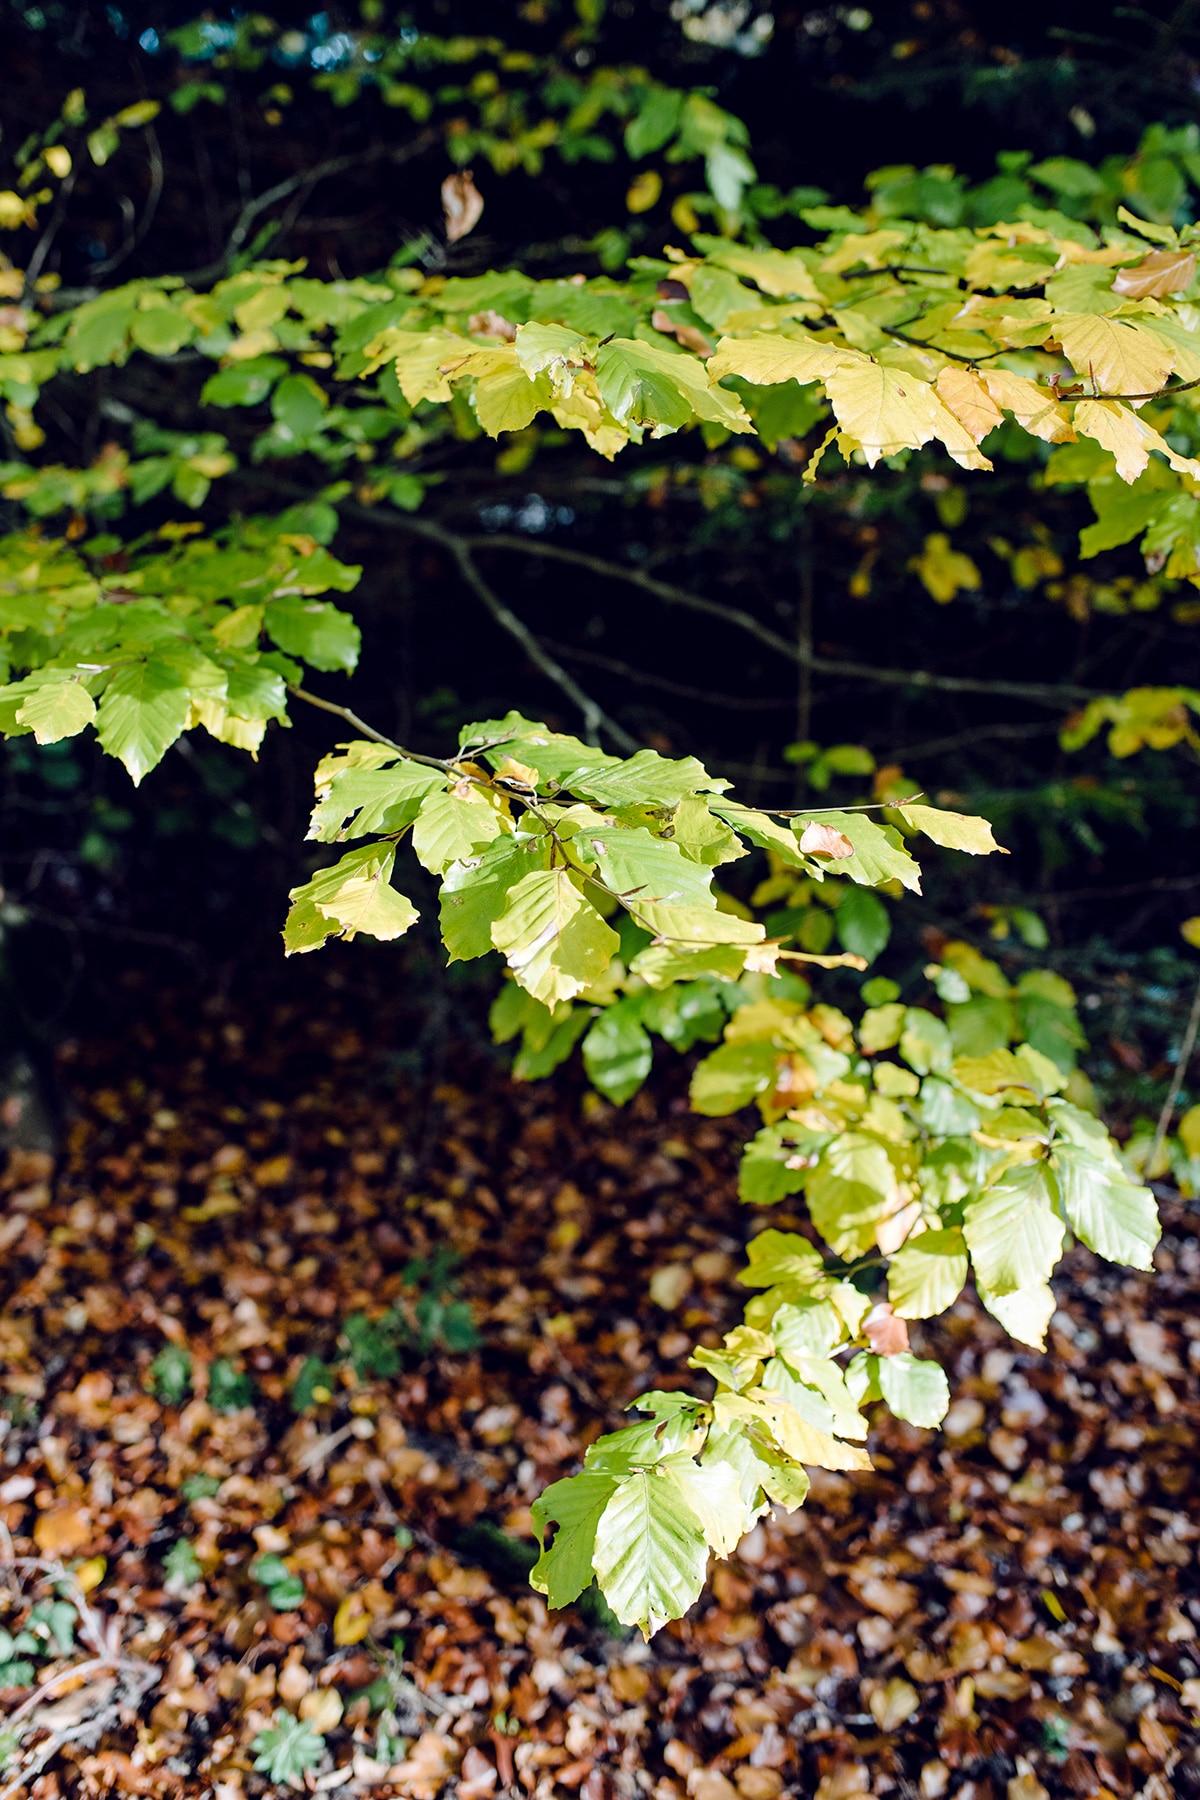 Branche d'arbre dont le feuillage commence à jaunir –Promenade automnale dans la forêt de Petinesca